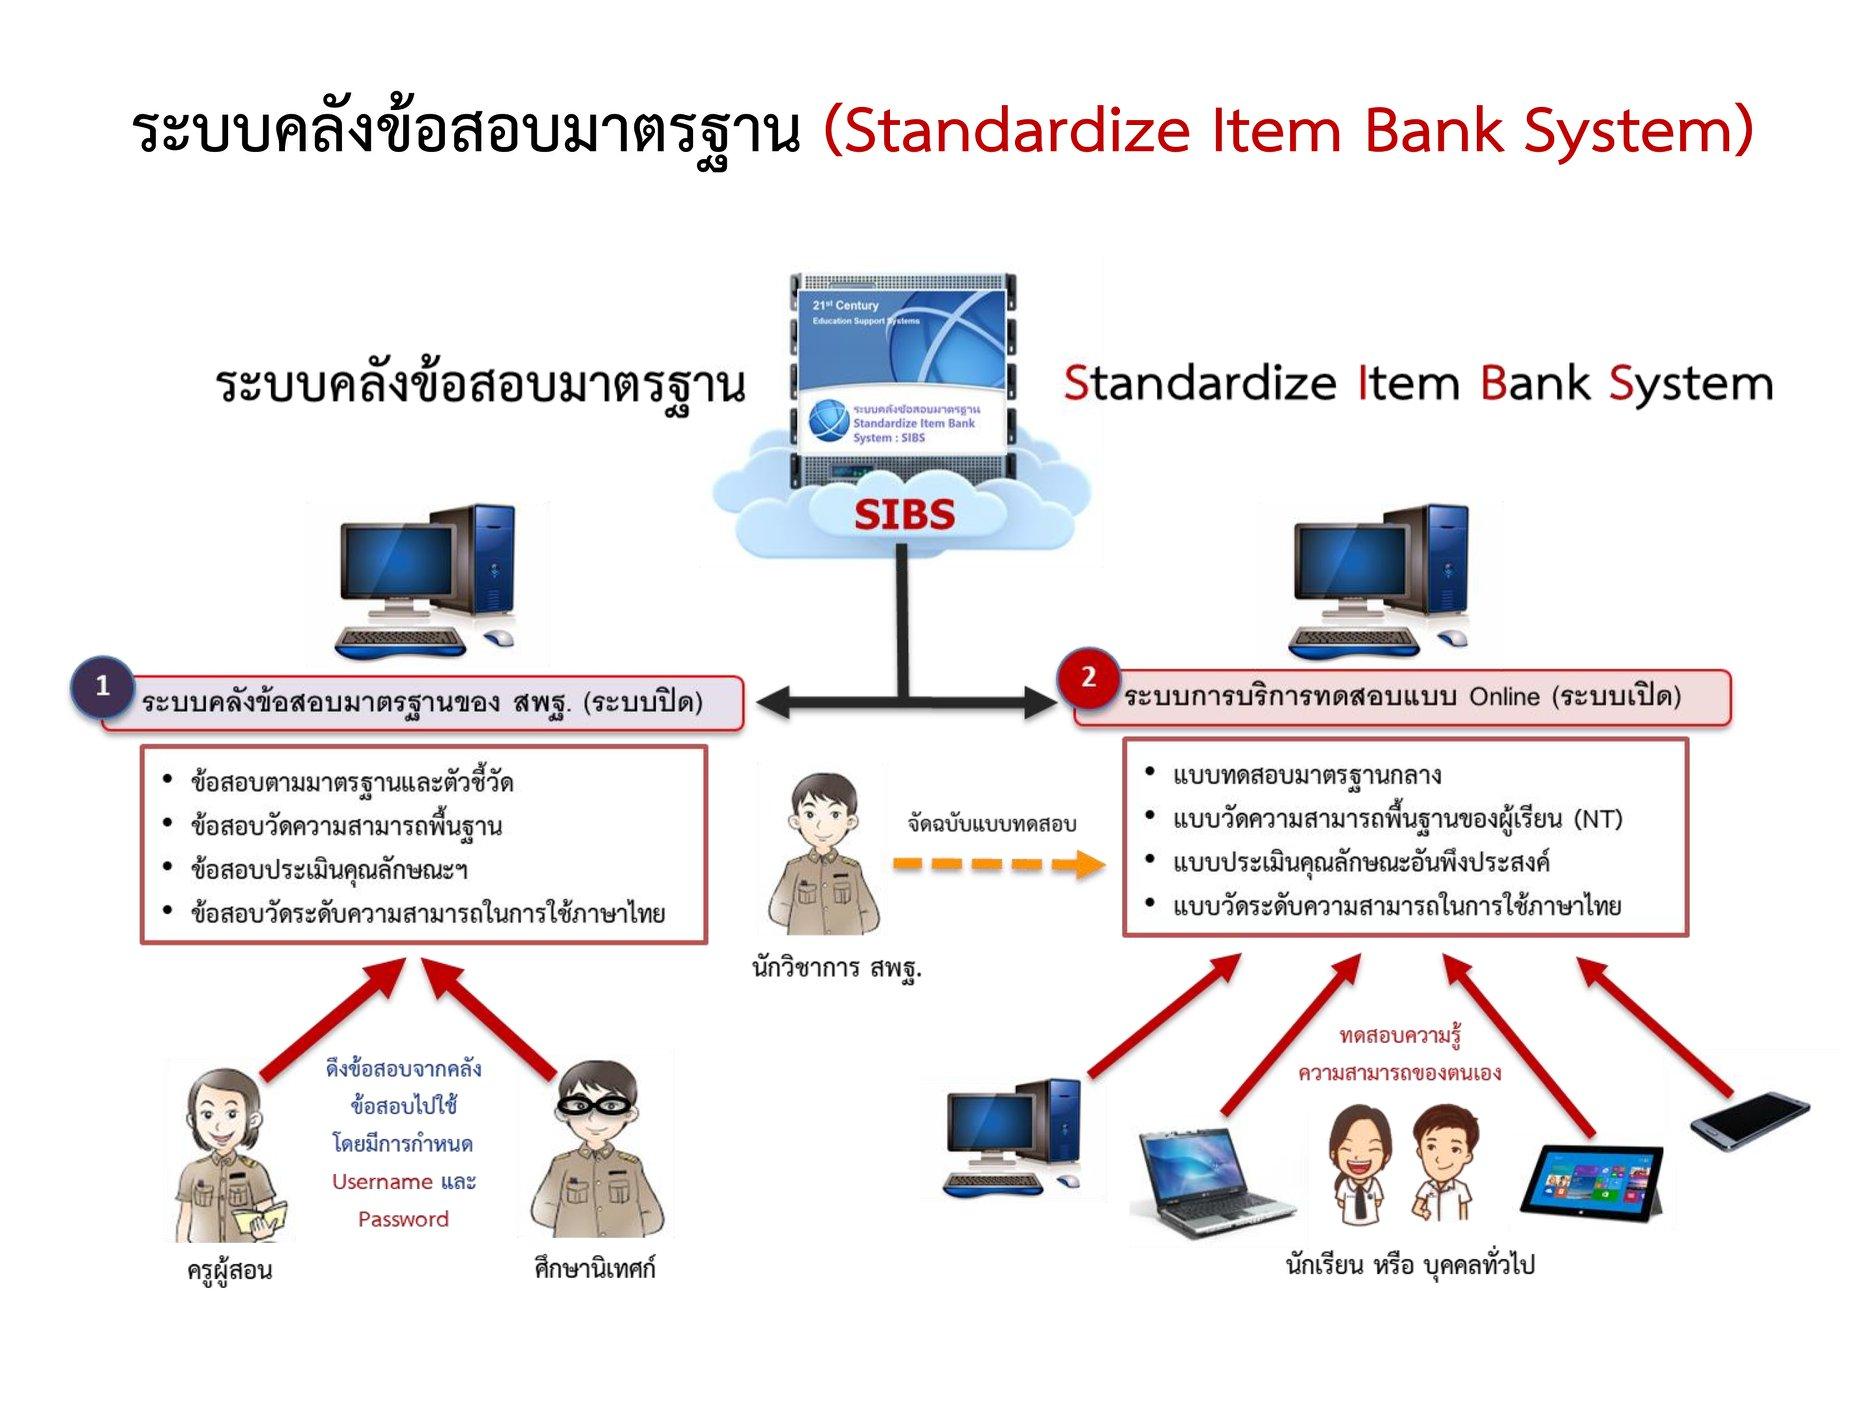 ระบบคลังข้อสอบมาตรฐานออนไลน์ (Standardized Item Bank System: SIBS)